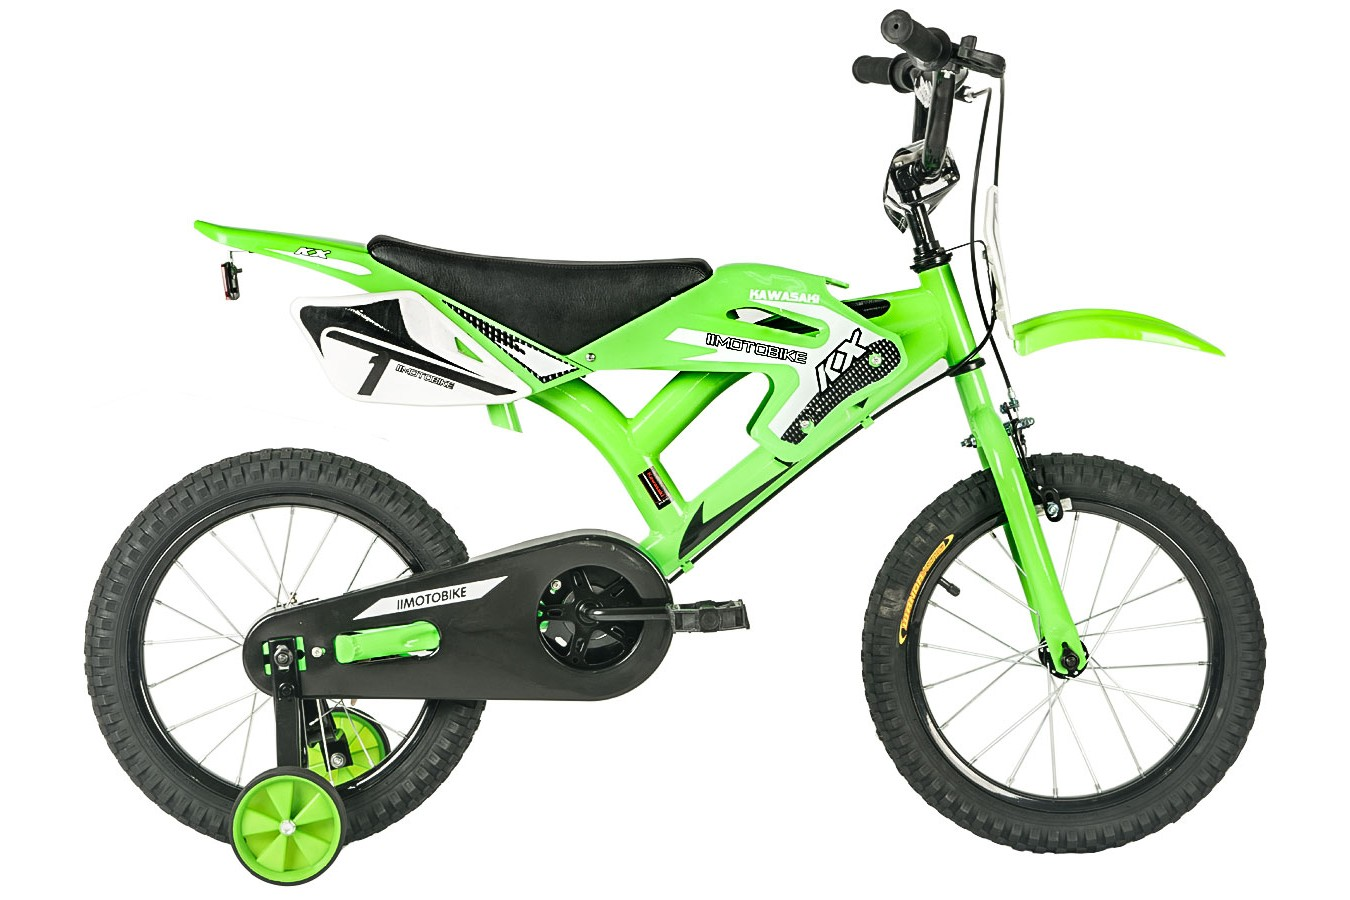 Bicicleta aro 16 KX Verde/Preta moto bike - Kawasaki